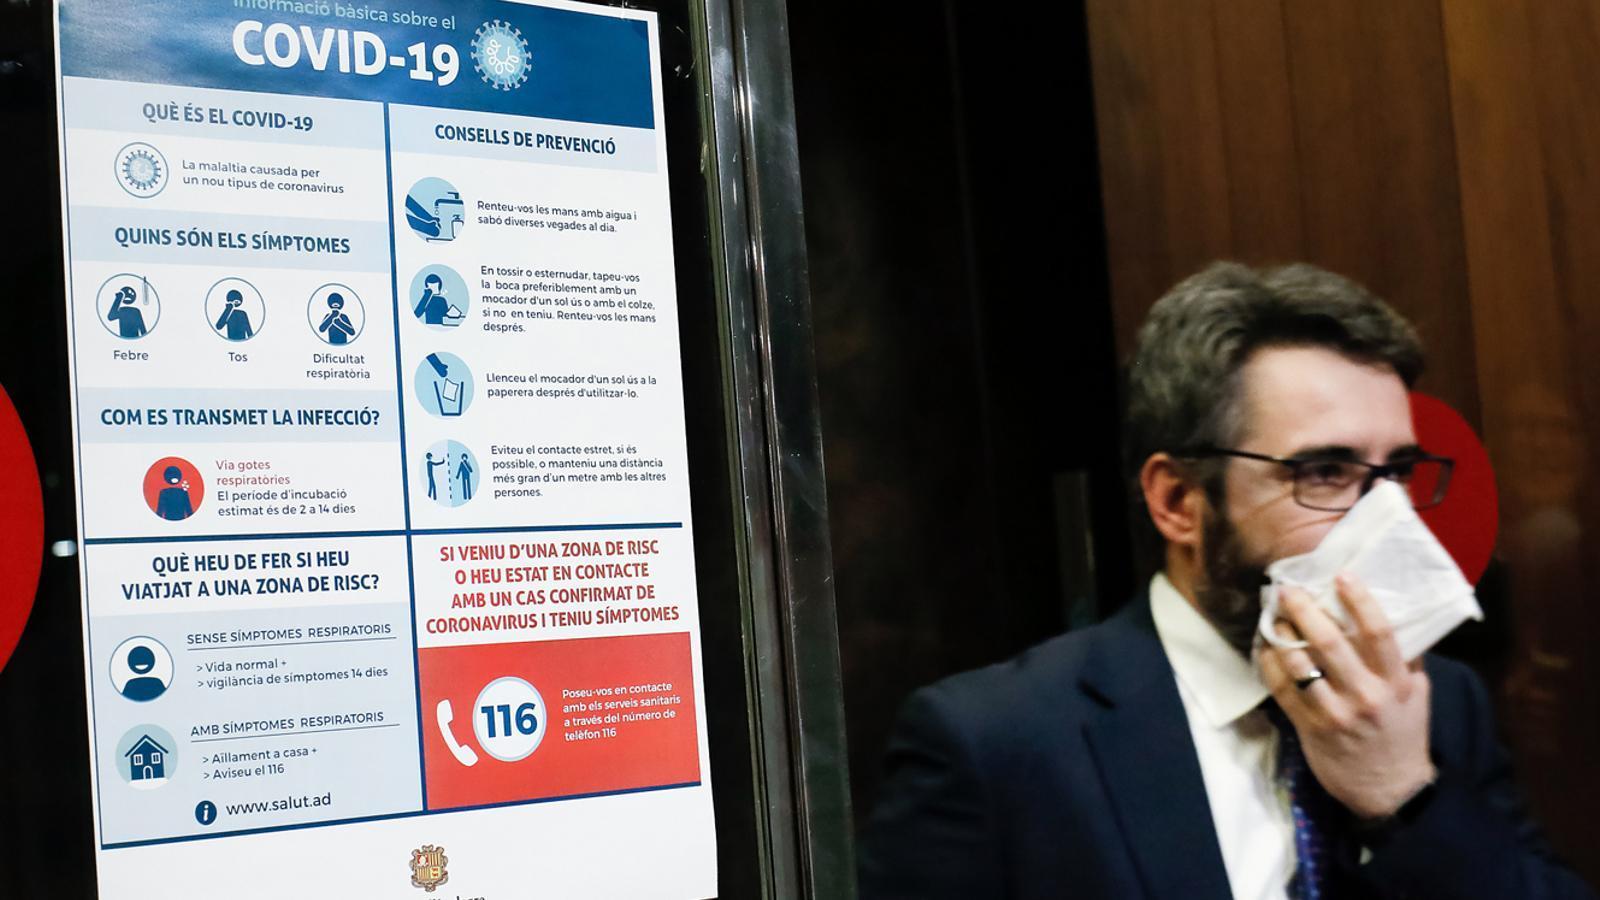 El ministre portaveu, Eric Jover, passa davant d'un dels cartells amb recomanacions sobre la Covid-19. / SFG